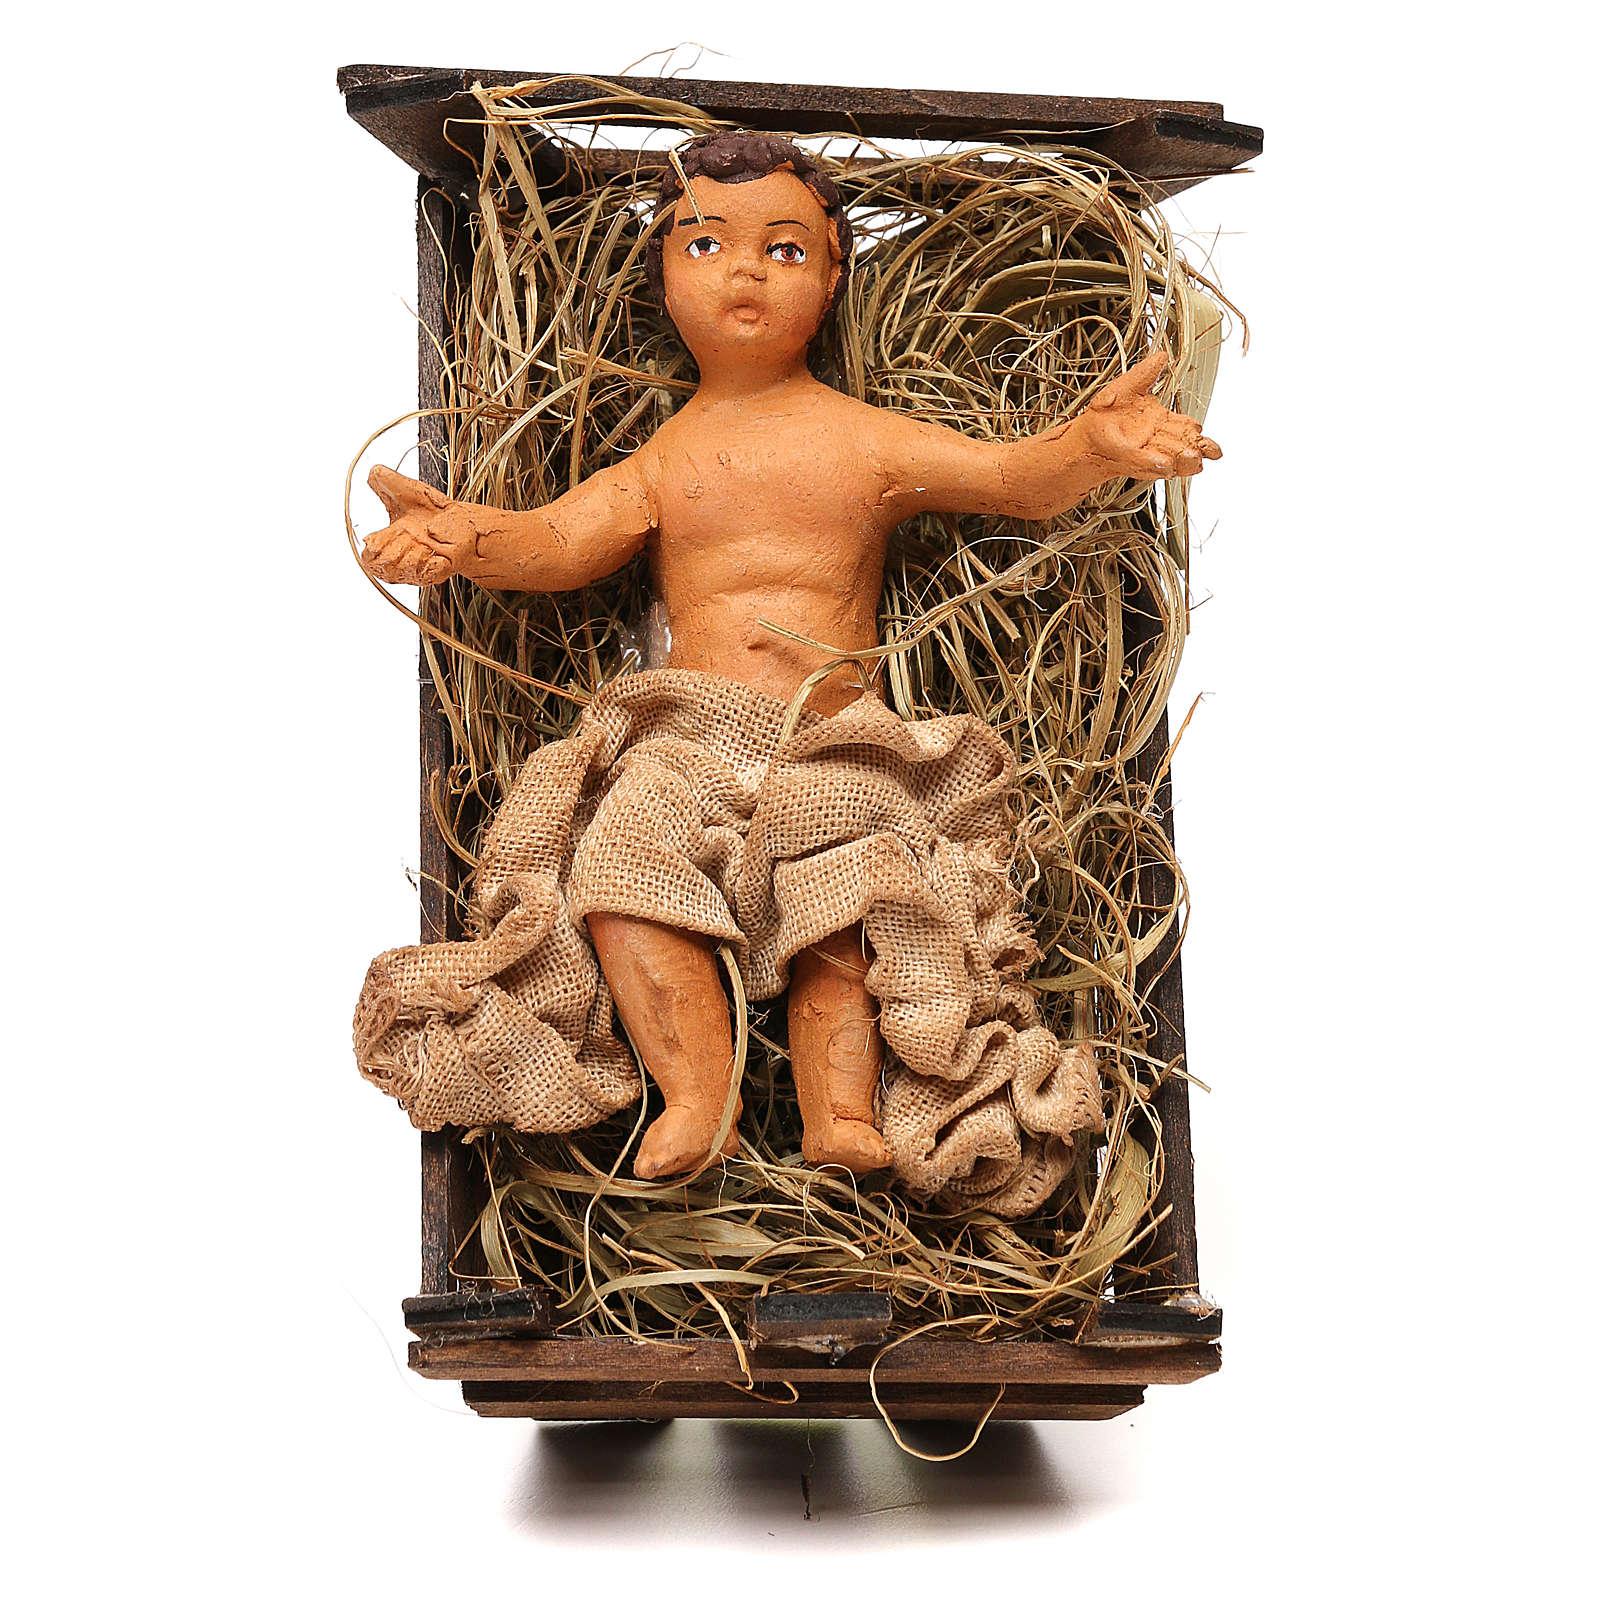 STOCK Bambino vestito nella culla terracotta 18 cm presepe Napoli 4